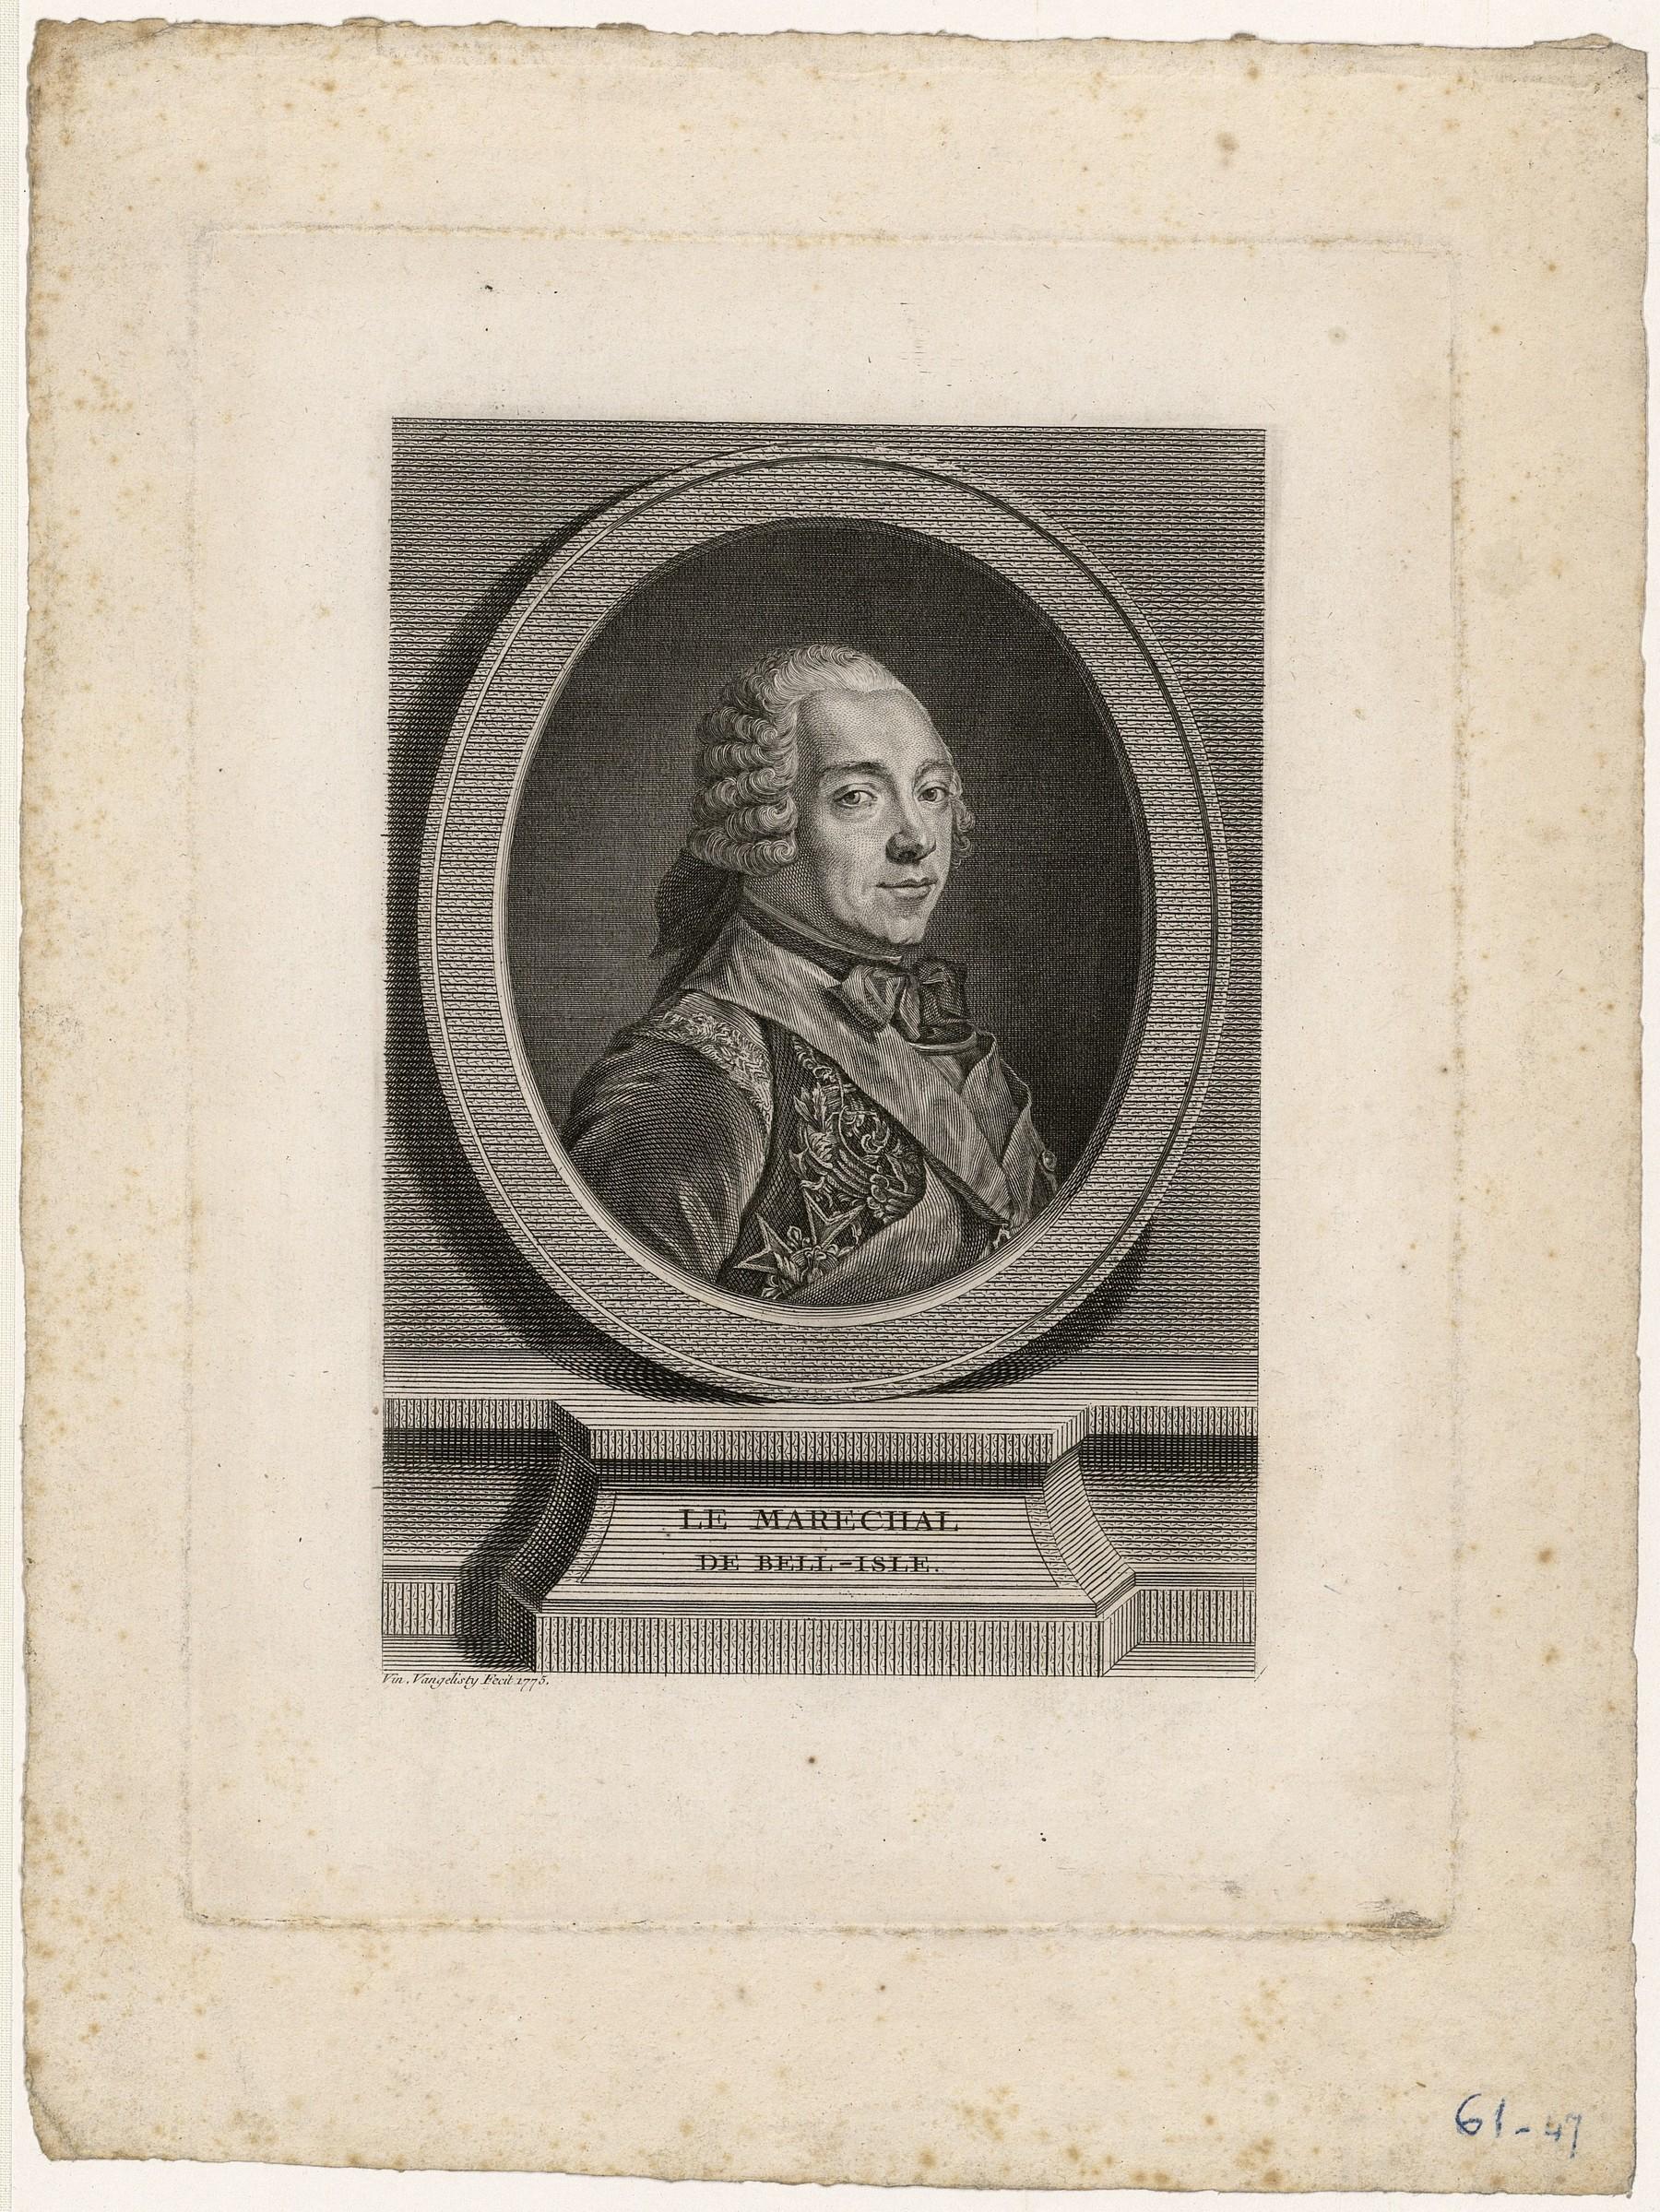 Contenu du Le maréchal de Belle-Isle